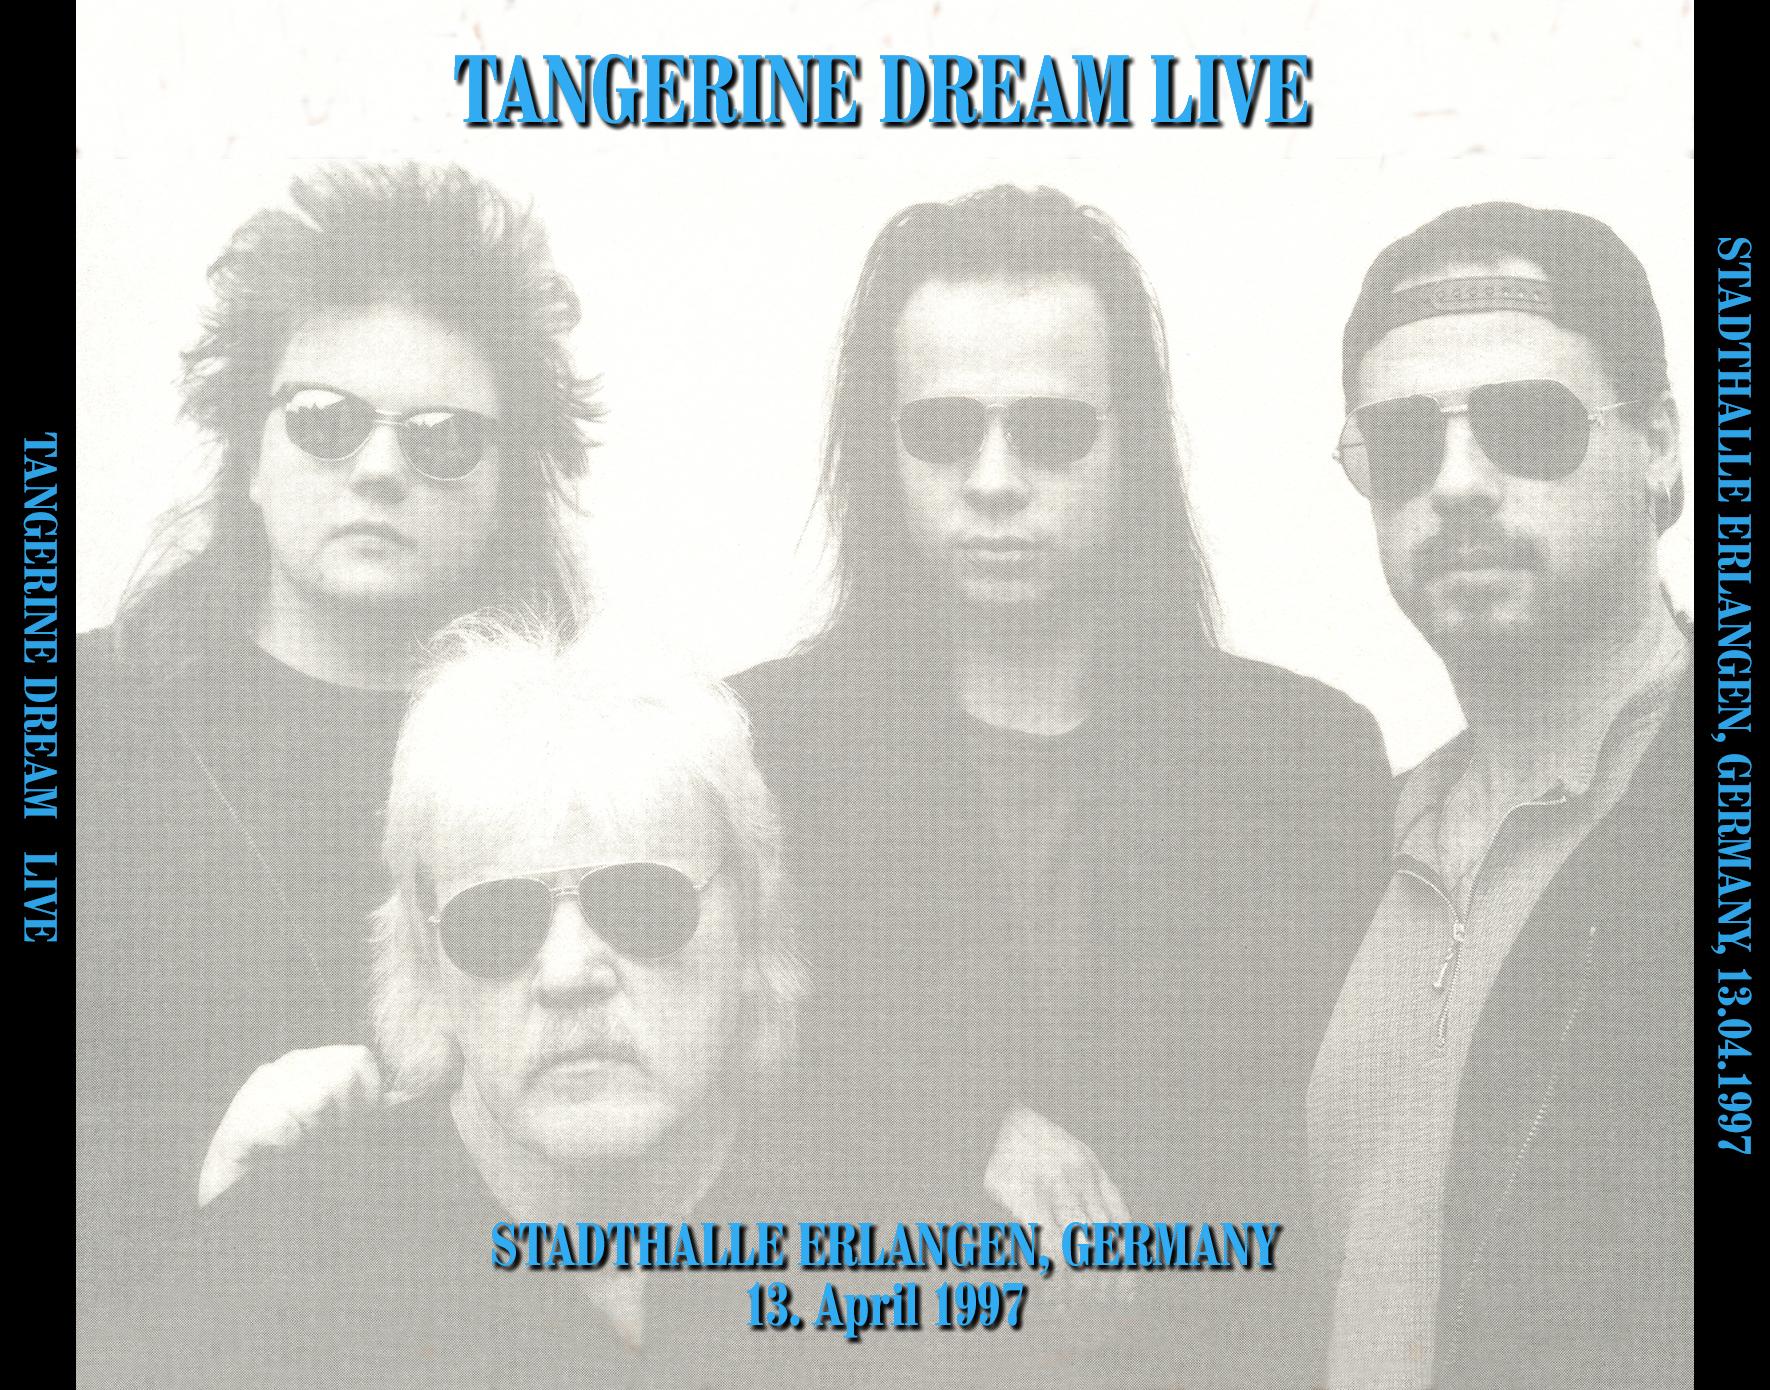 TangerineDream1997-04-13StadthalleErlangenGermany.jpg